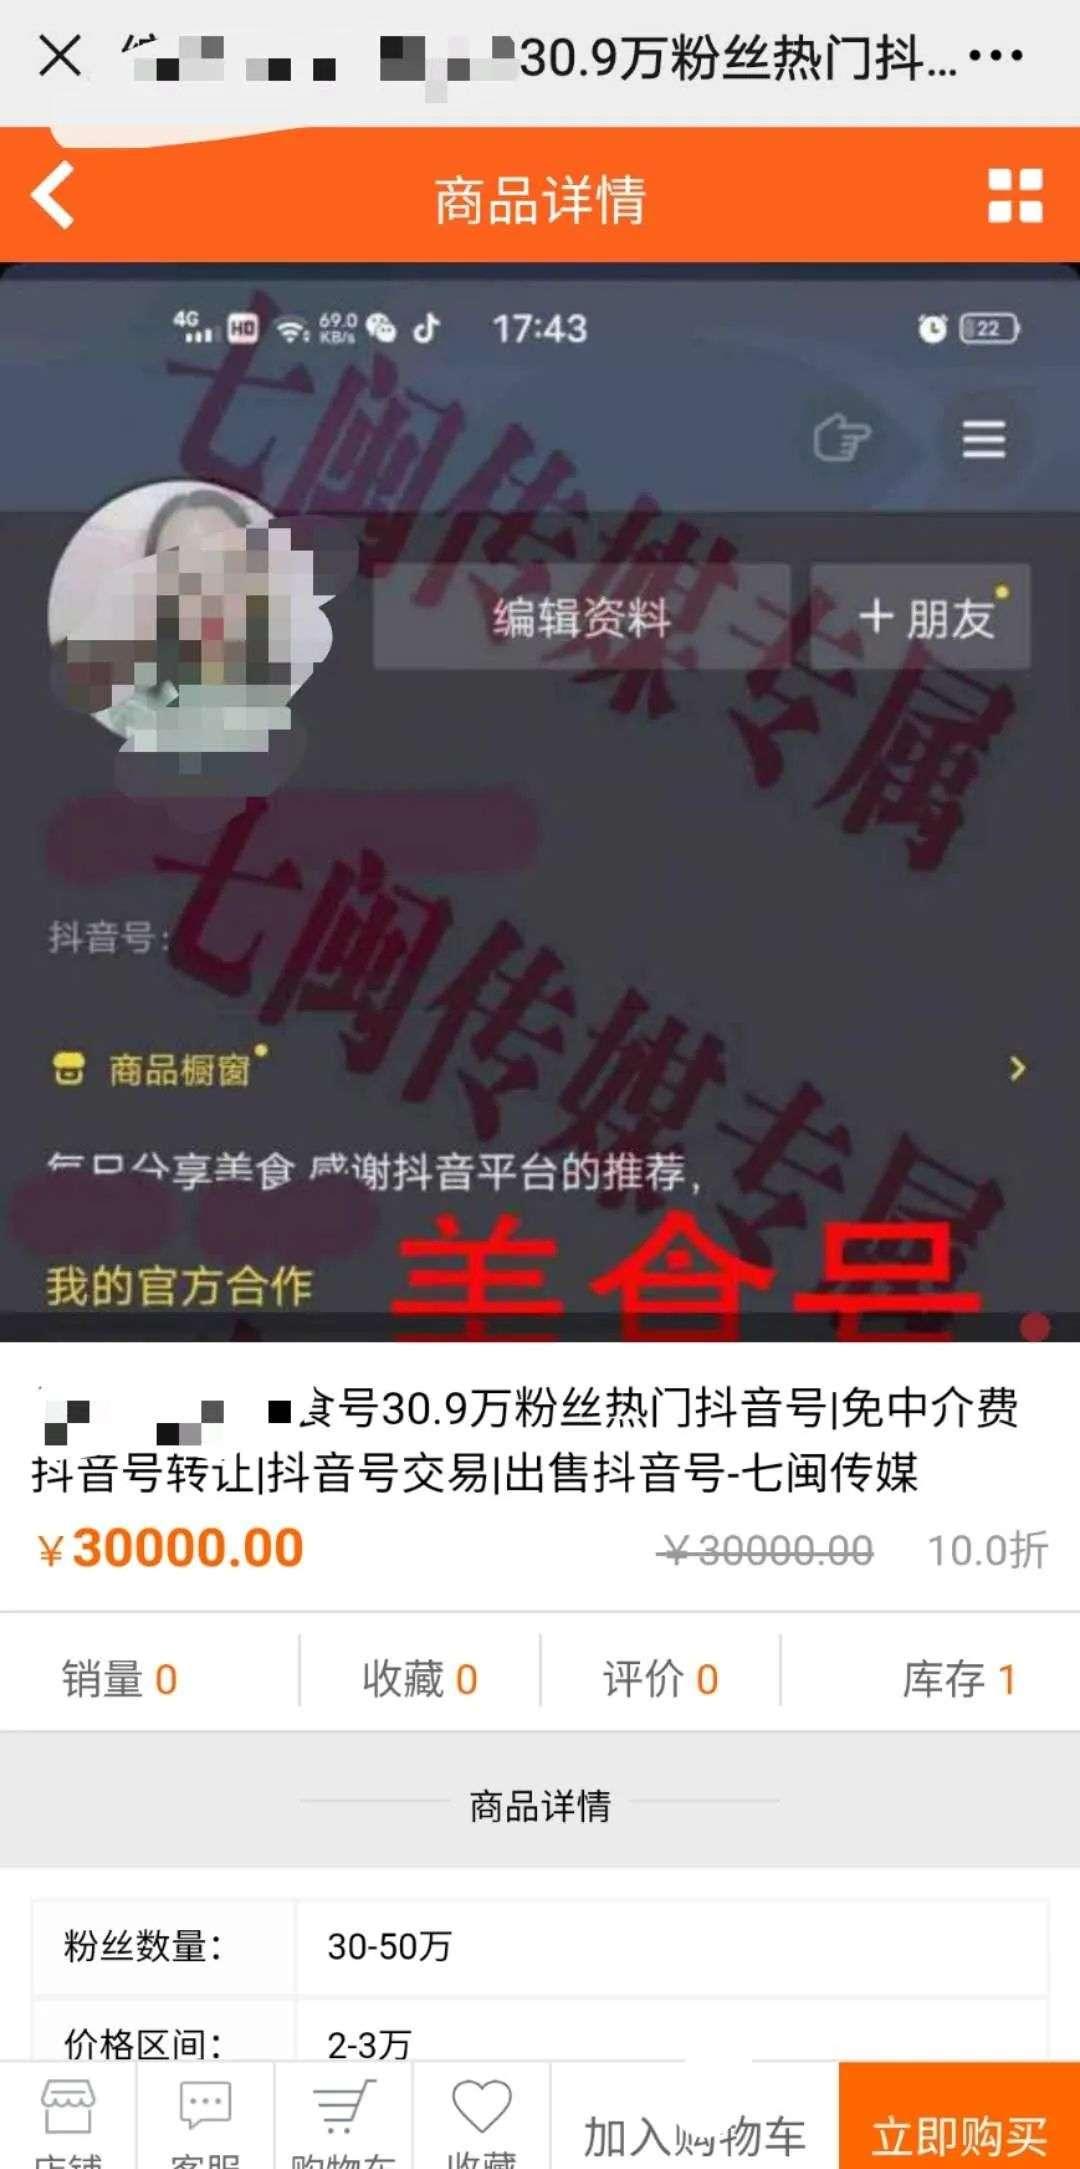 揭秘月入百万的直播灰产插图(5)